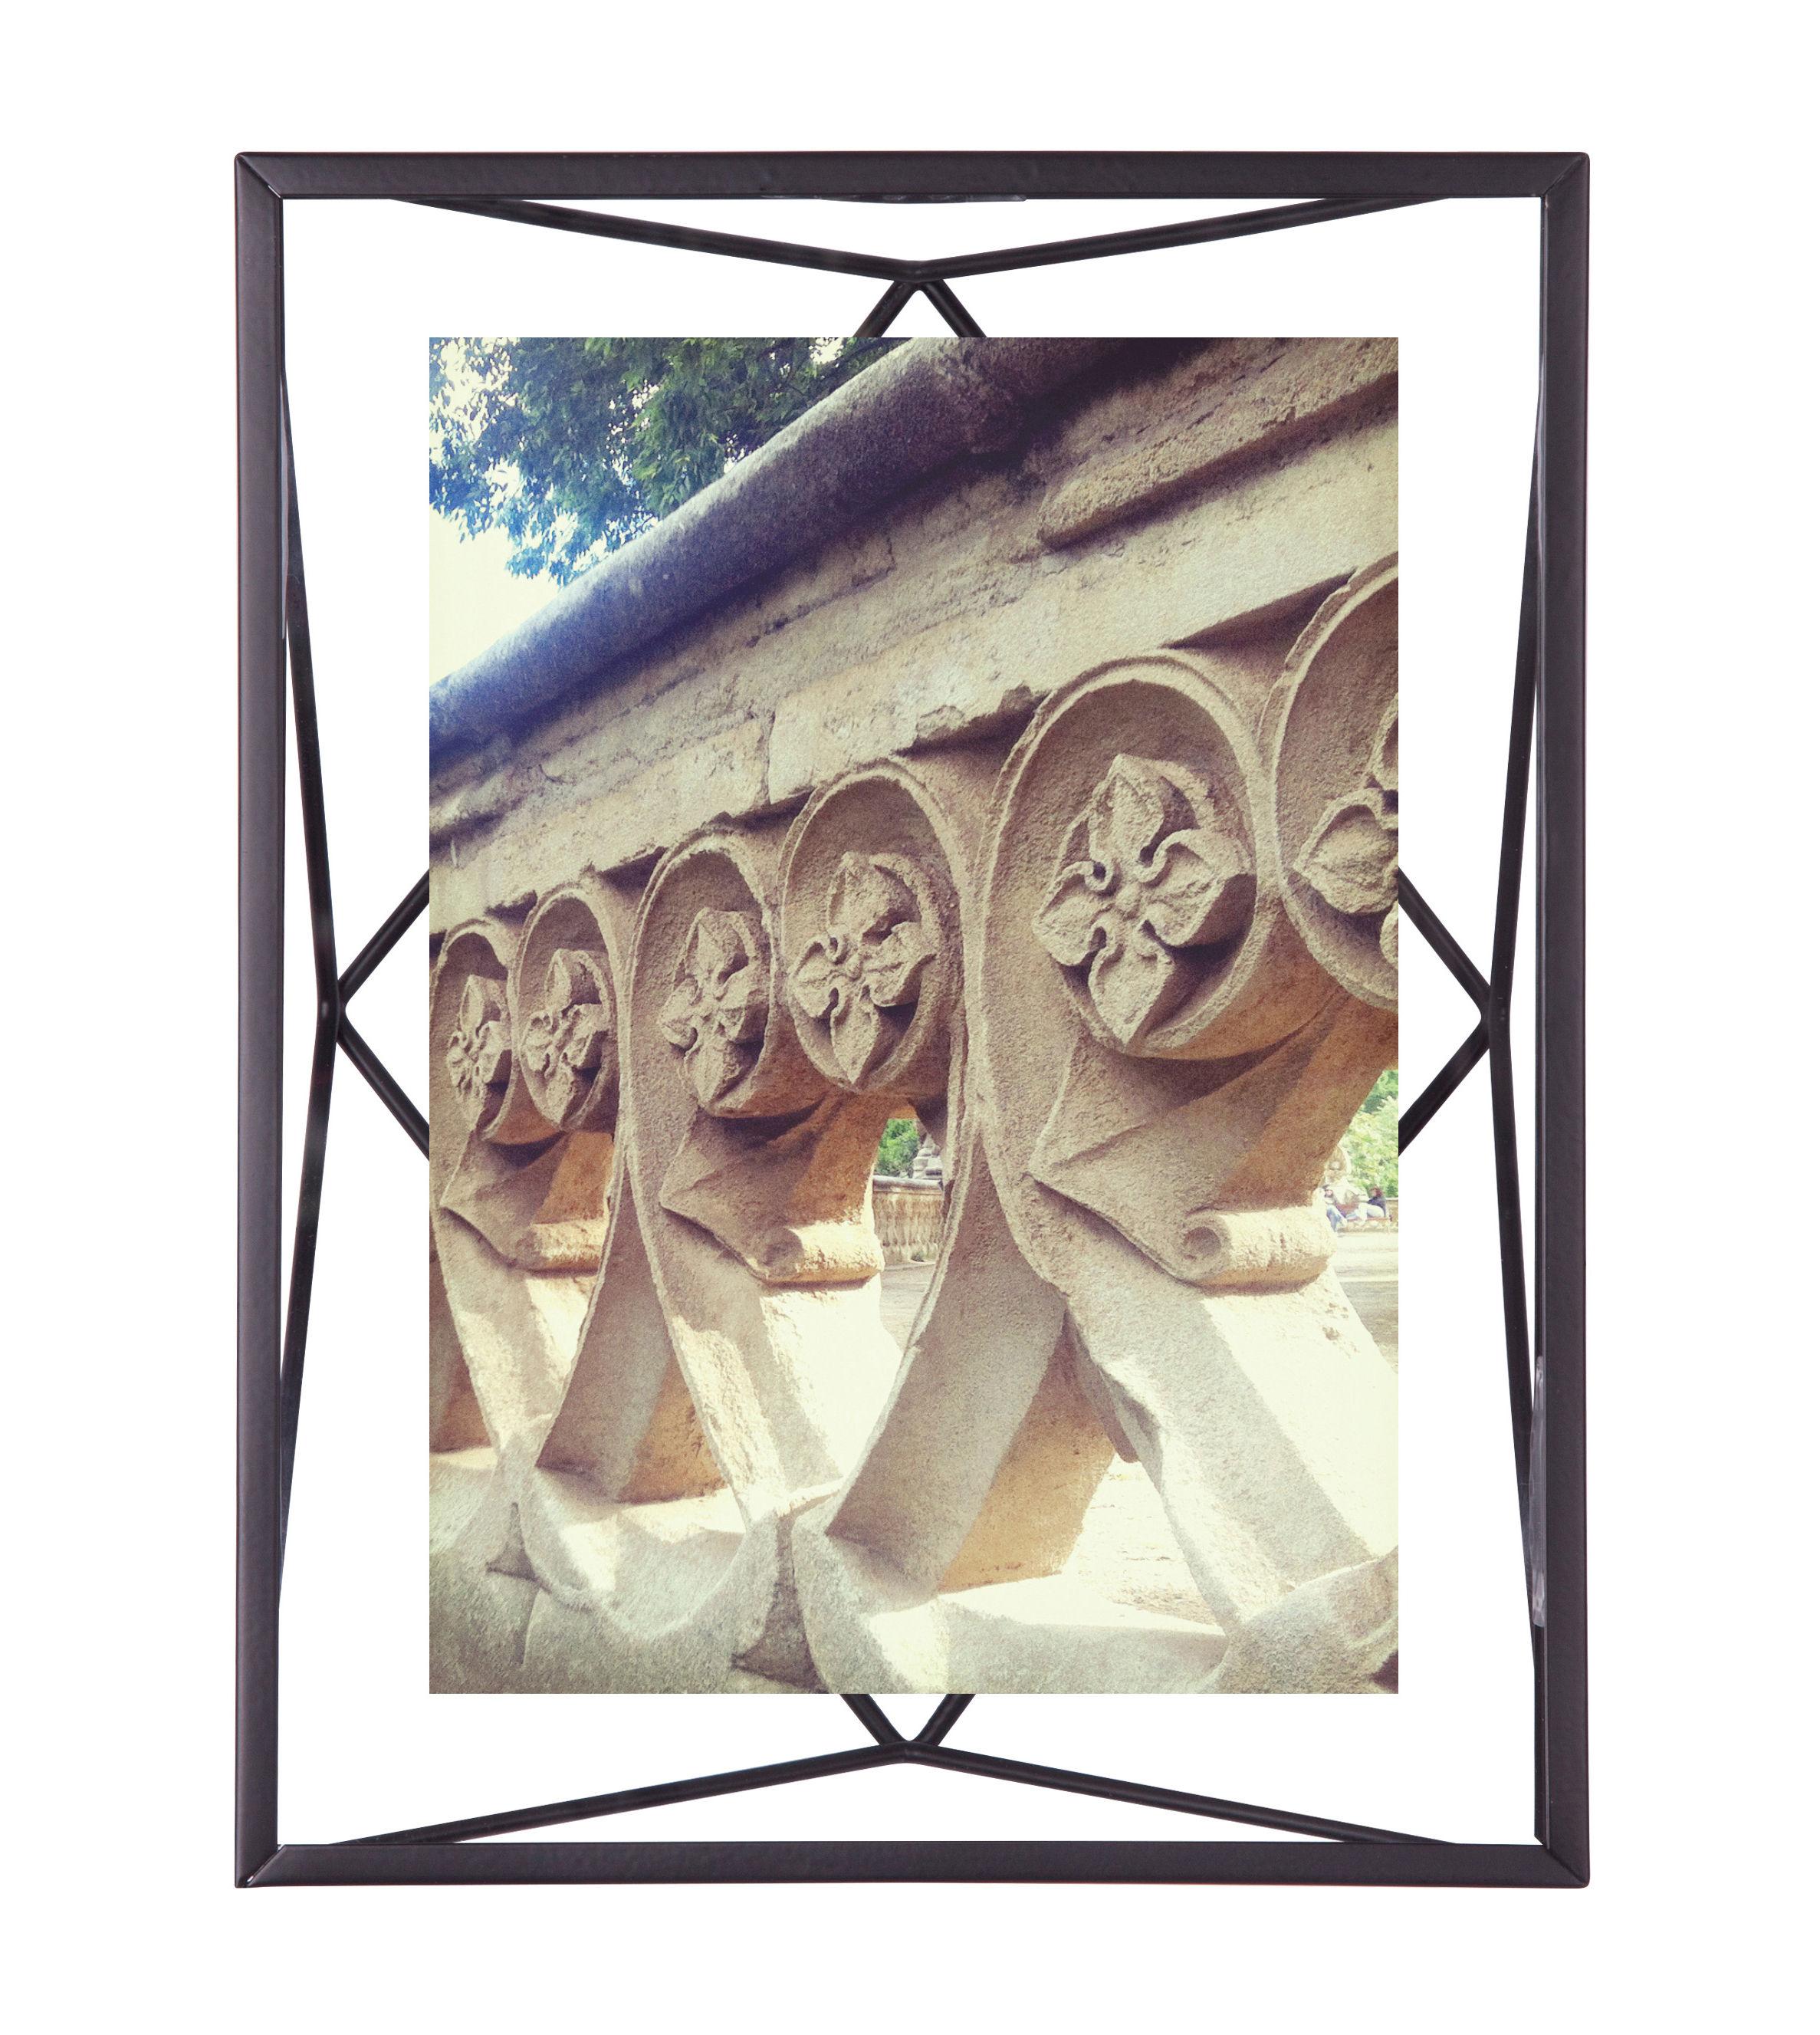 Déco - Objets déco et cadres-photos - Cadre-photo Prisma / Photo 13 x 18 cm - à poser ou suspendre - Umbra - 13 x 18 cm / Noir - Métal, Verre